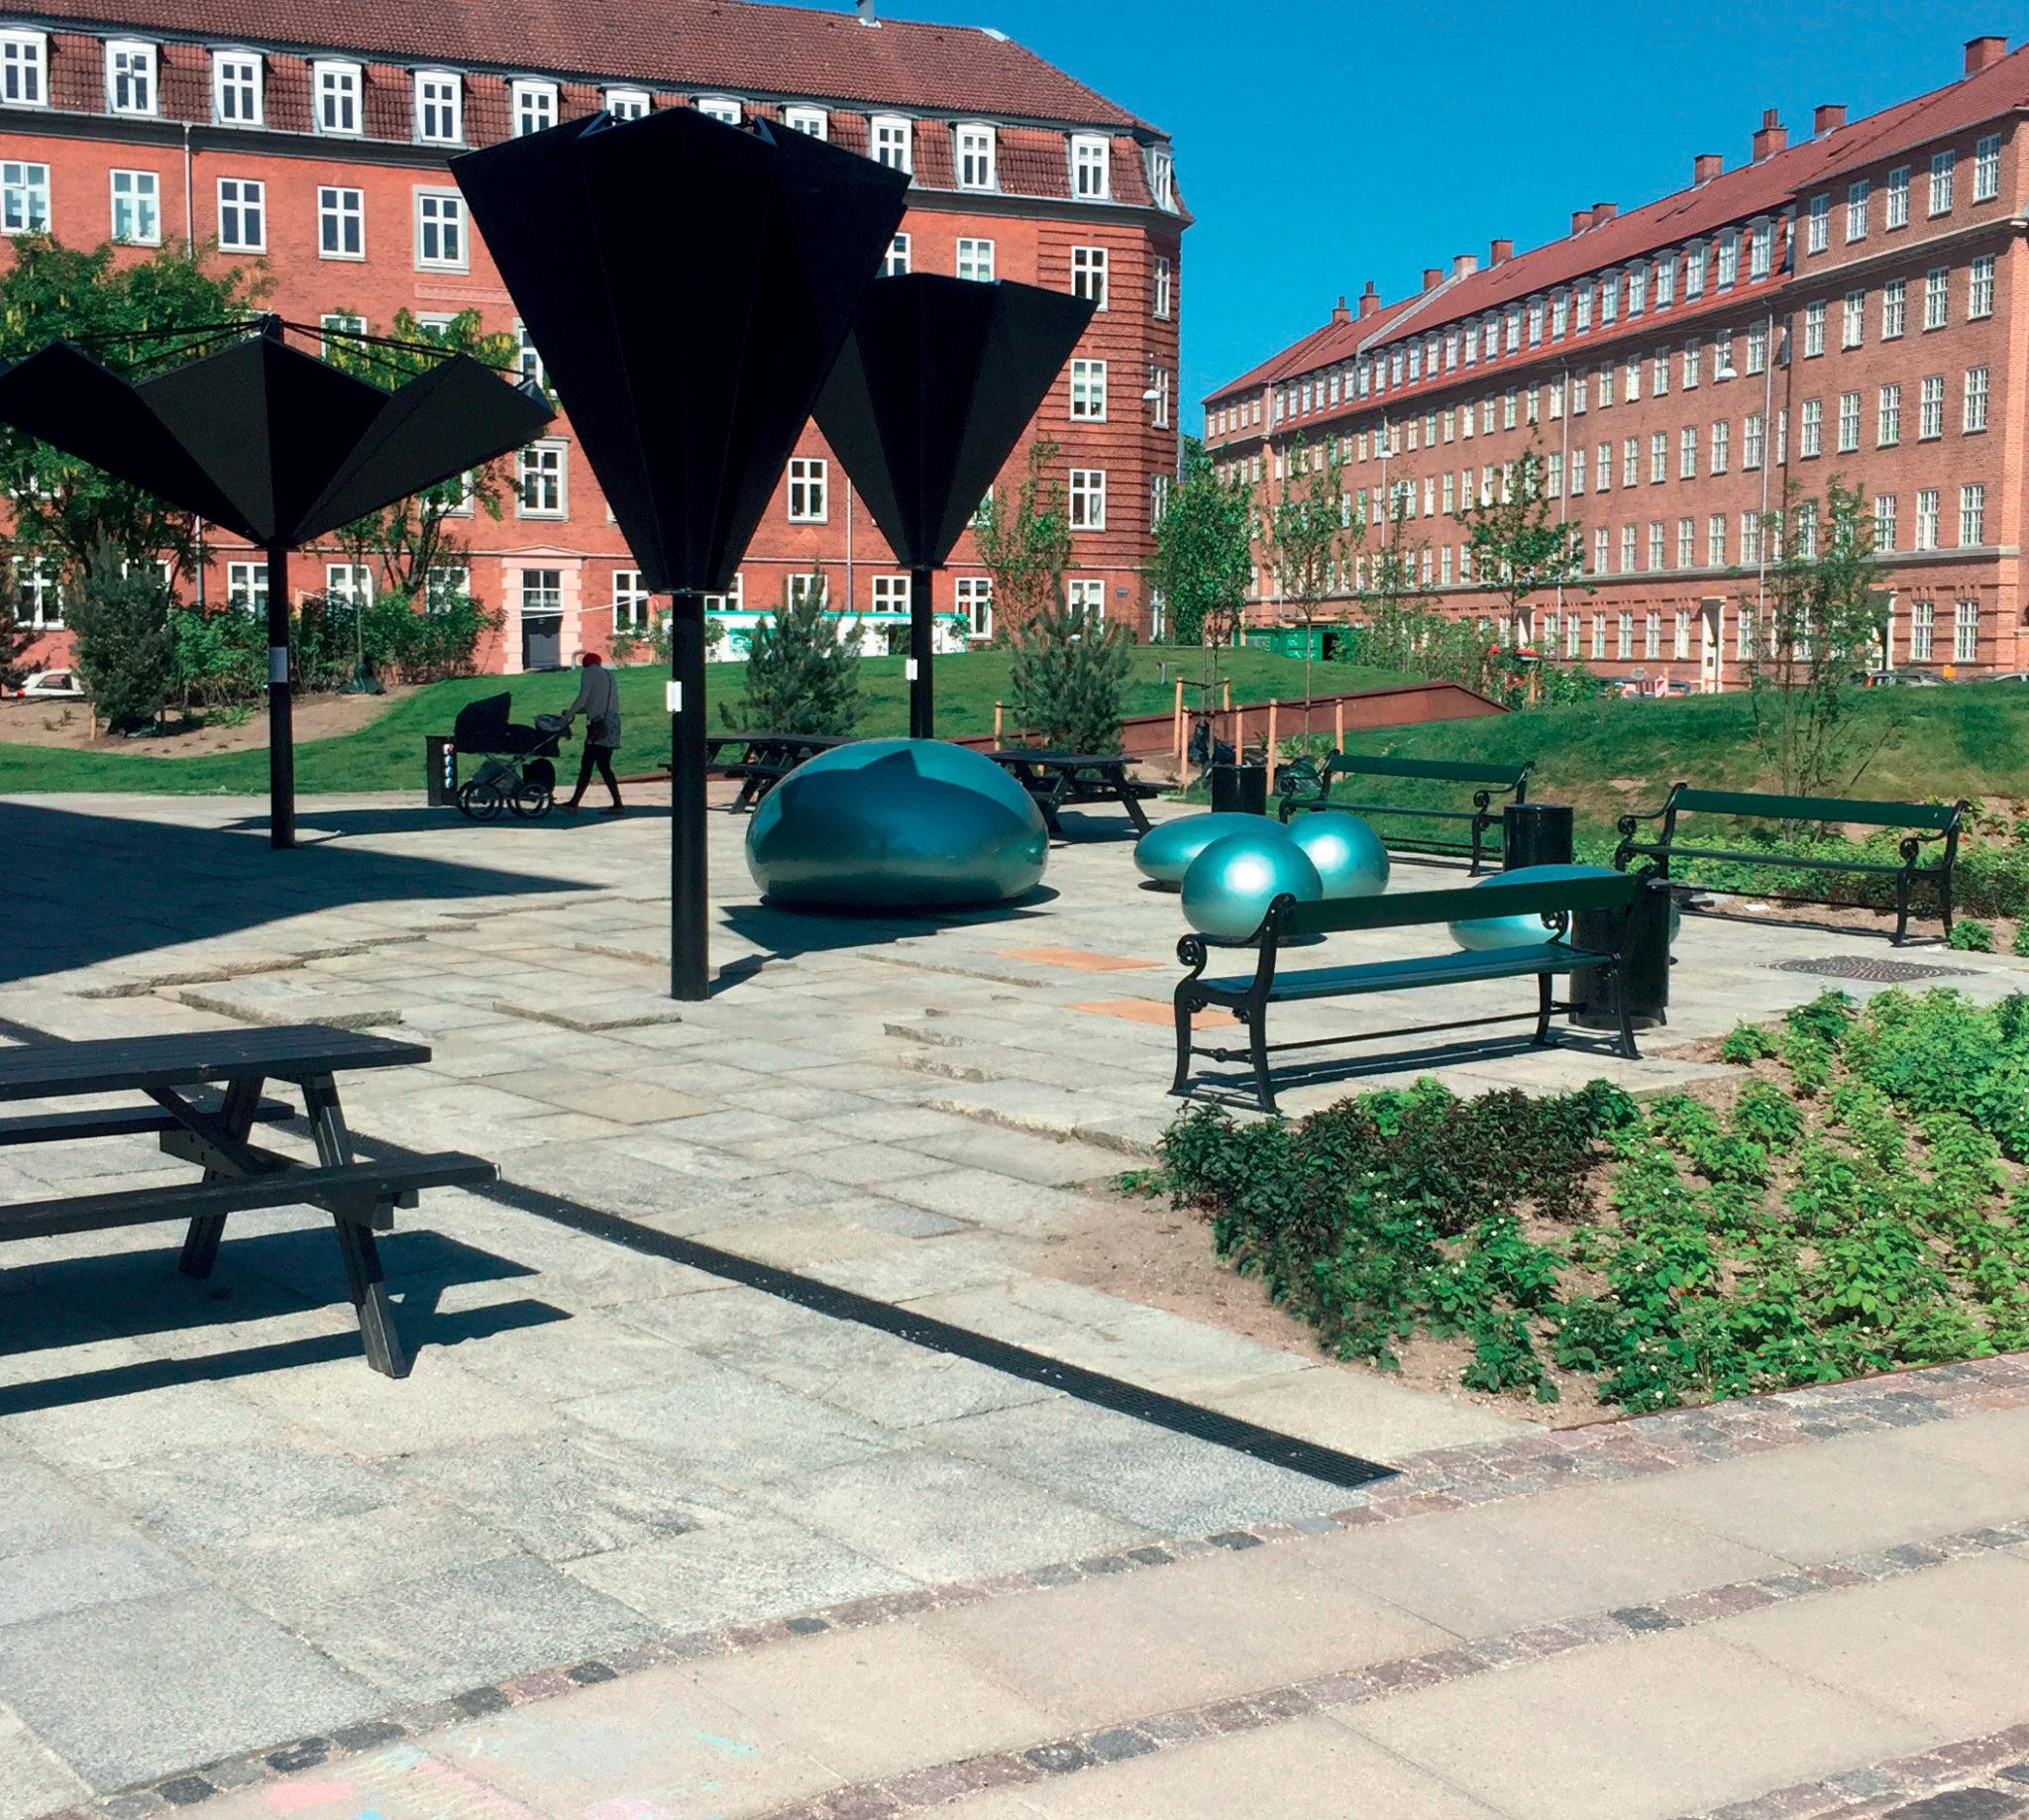 LAR projekt i København - Tåsinge Plads